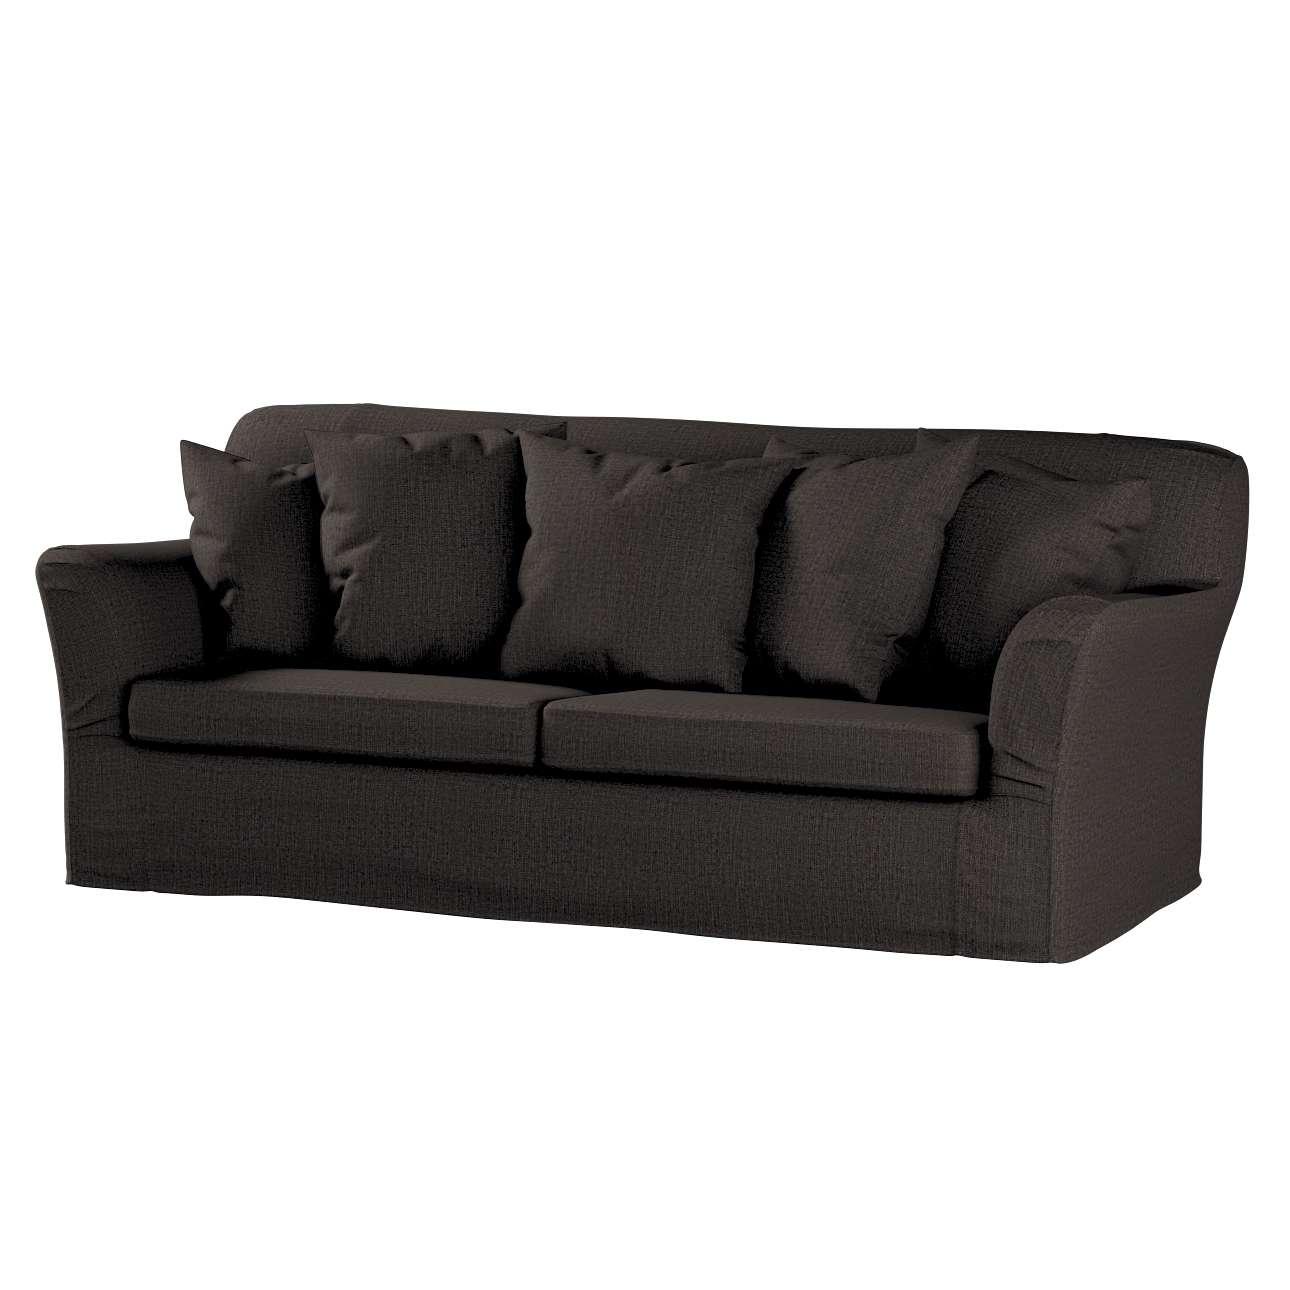 Pokrowiec na sofę Tomelilla 3-osobową rozkładaną w kolekcji Etna, tkanina: 702-36